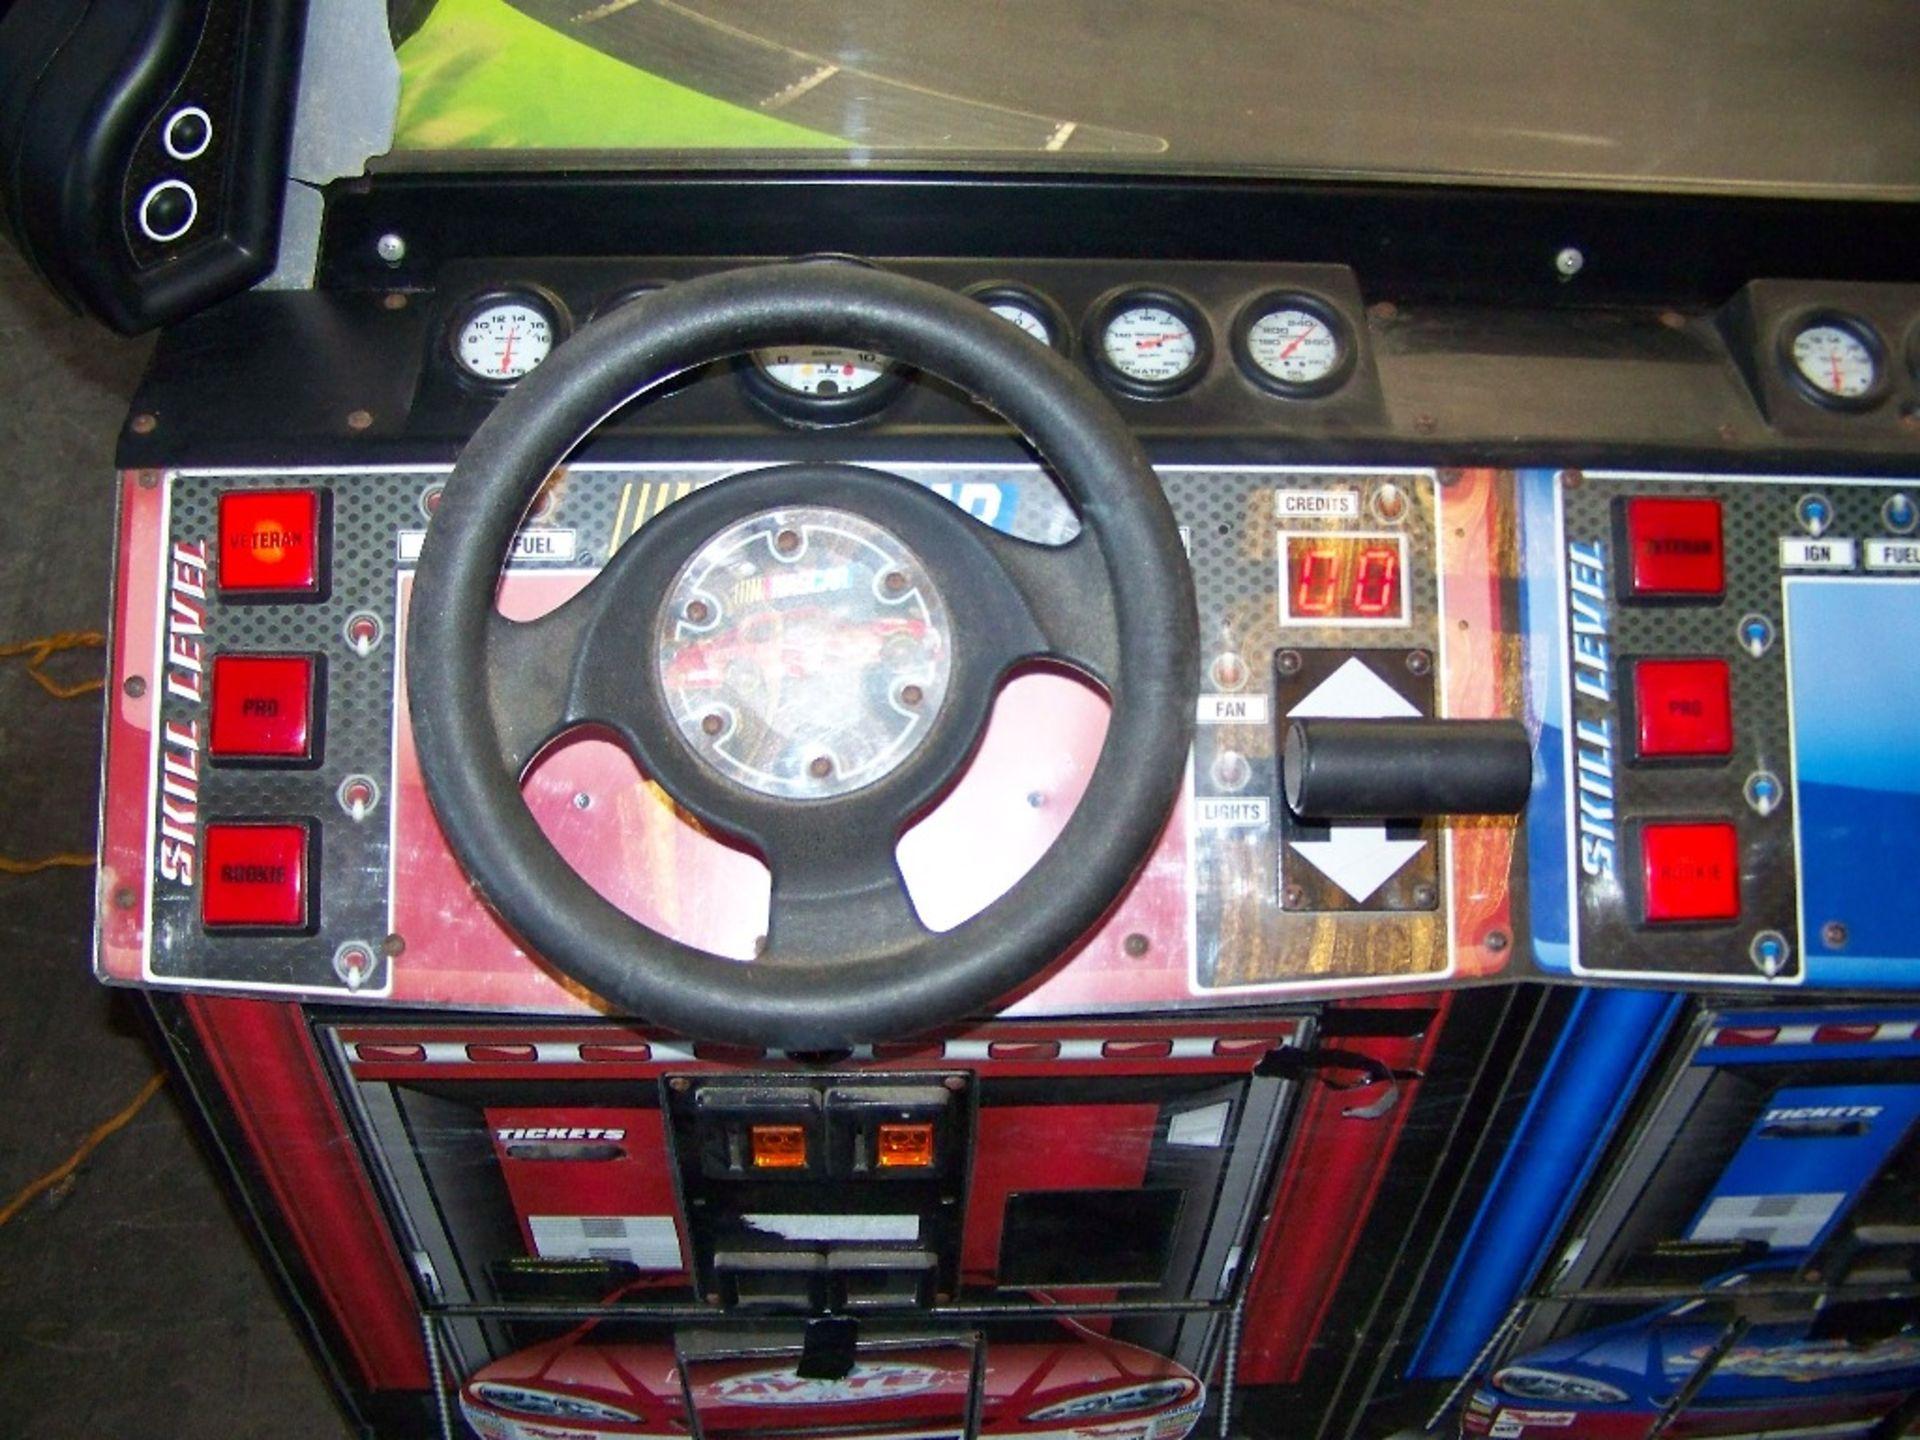 SHOWDOWN 4 PLAYER TICKET REDEMPTION GAME BAYTEK - Image 9 of 12